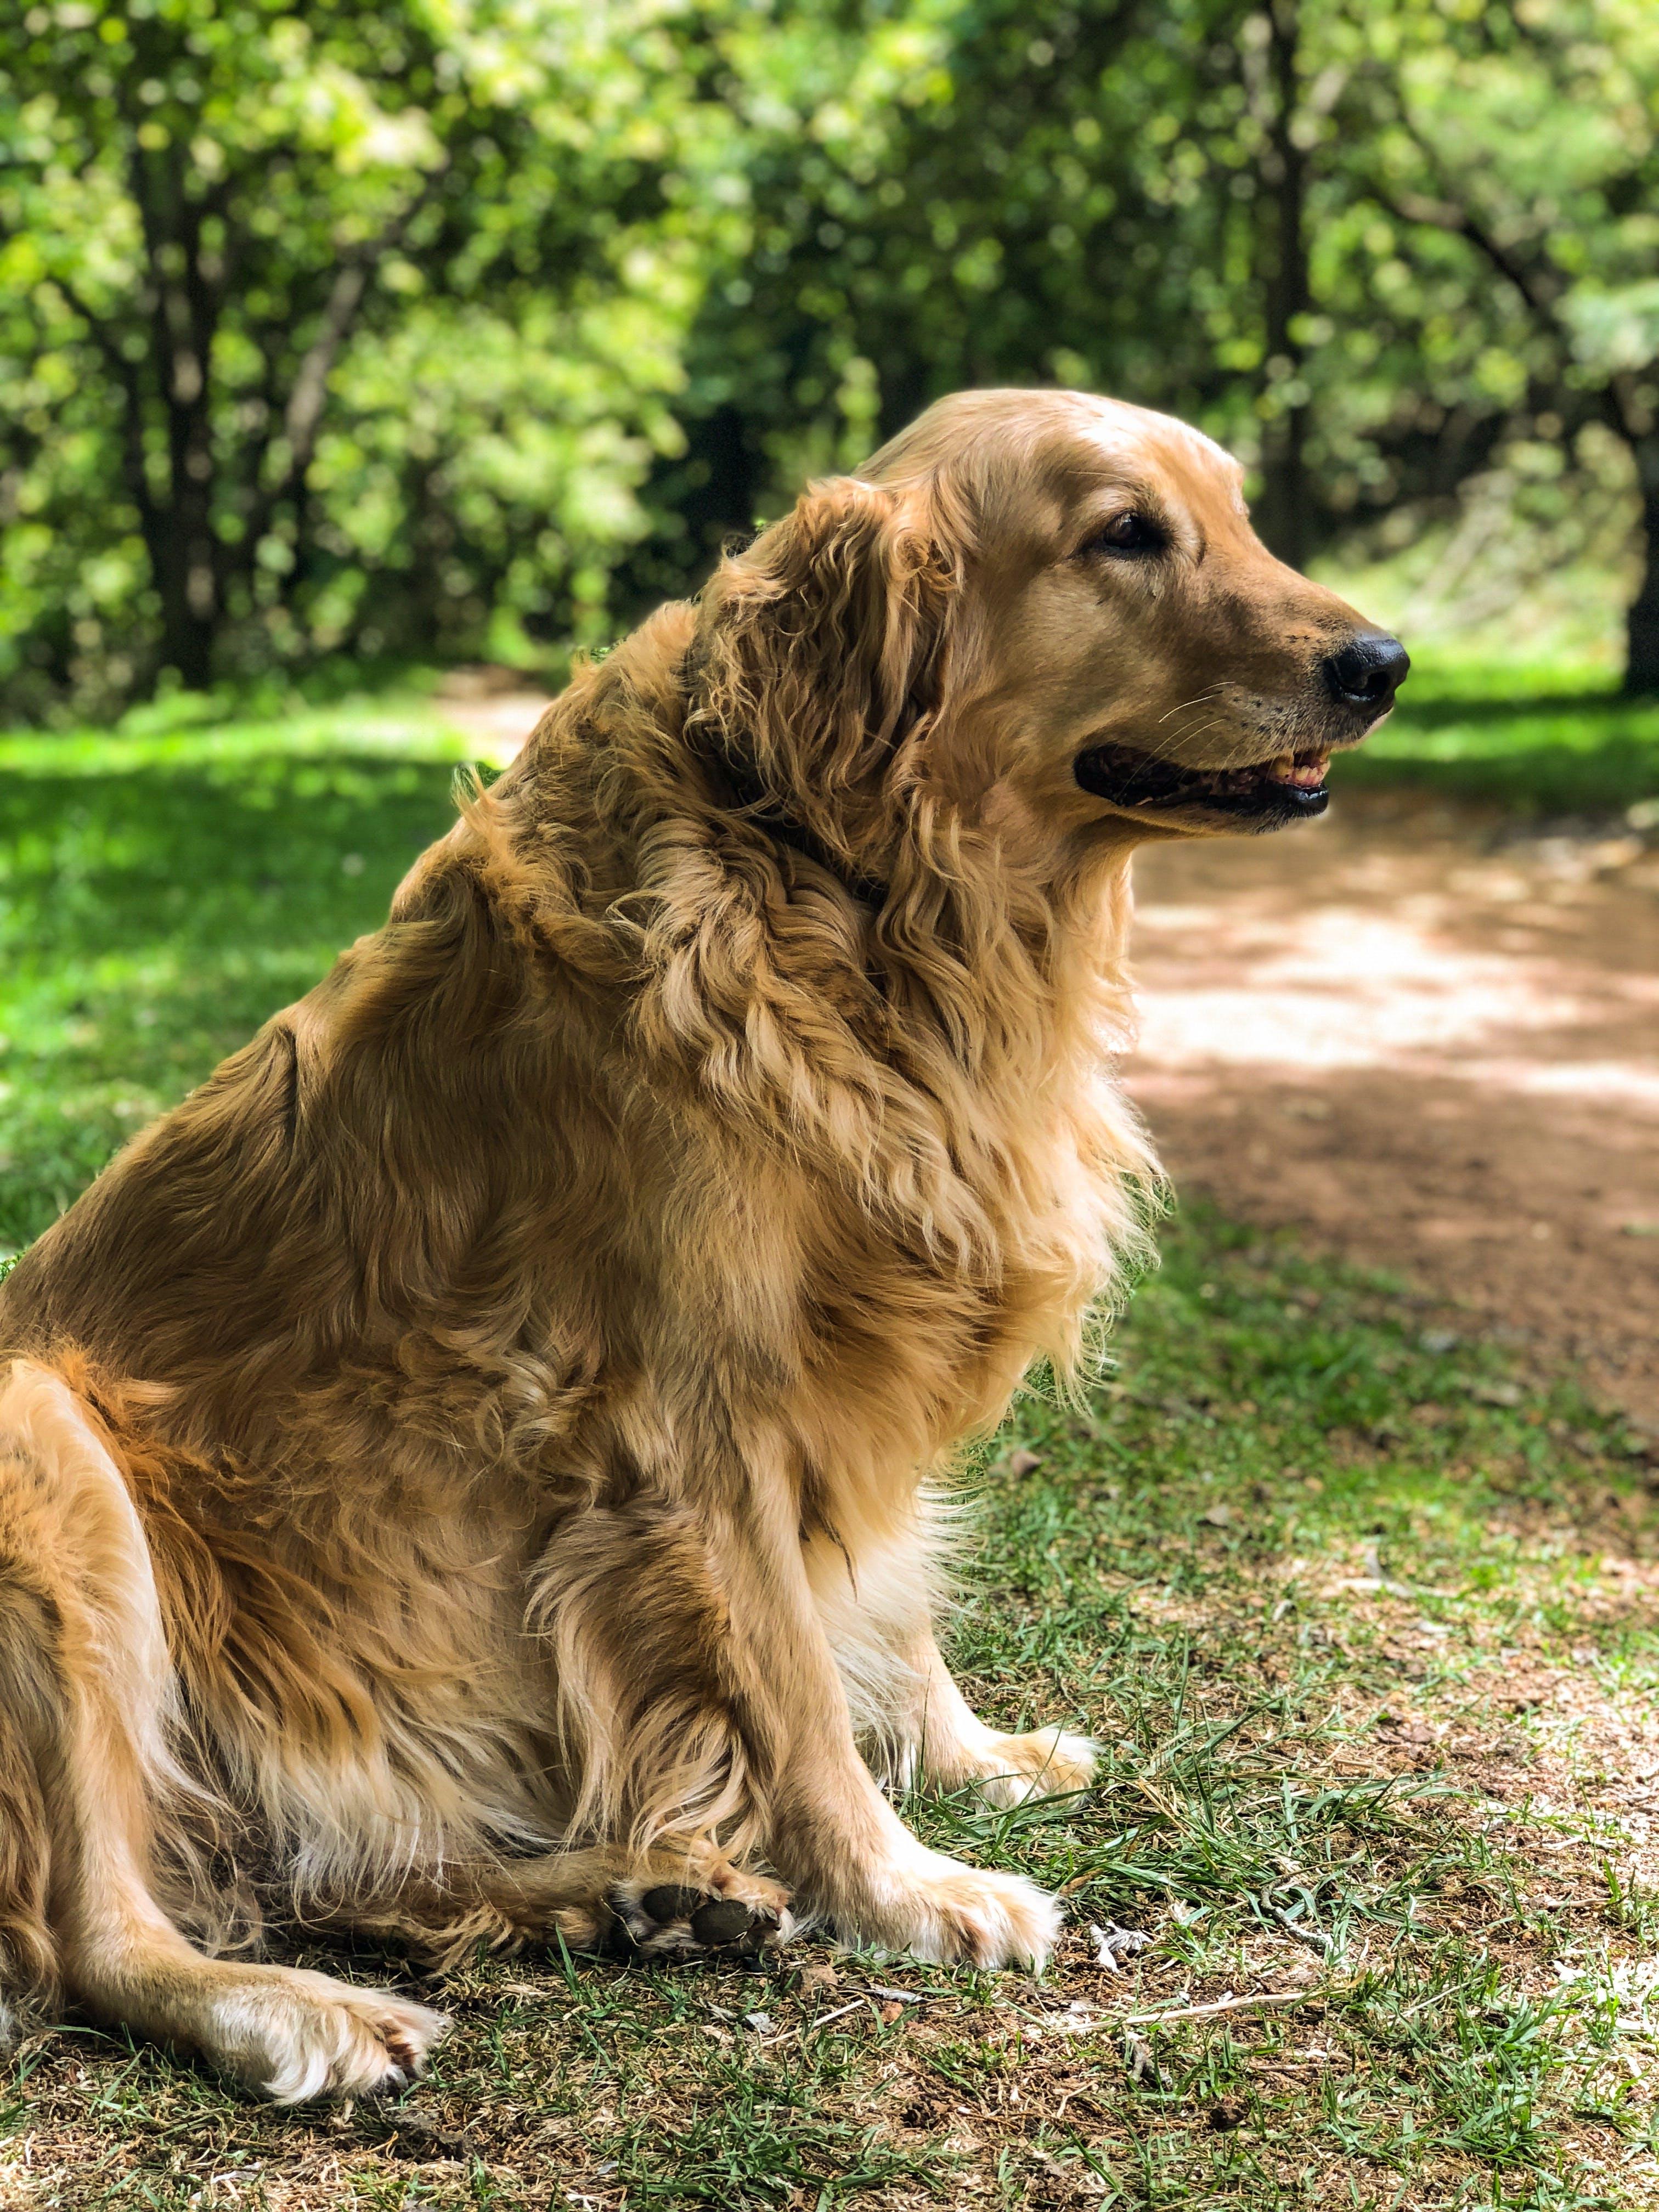 Adult Golden Retriever Sitting on Grass Field